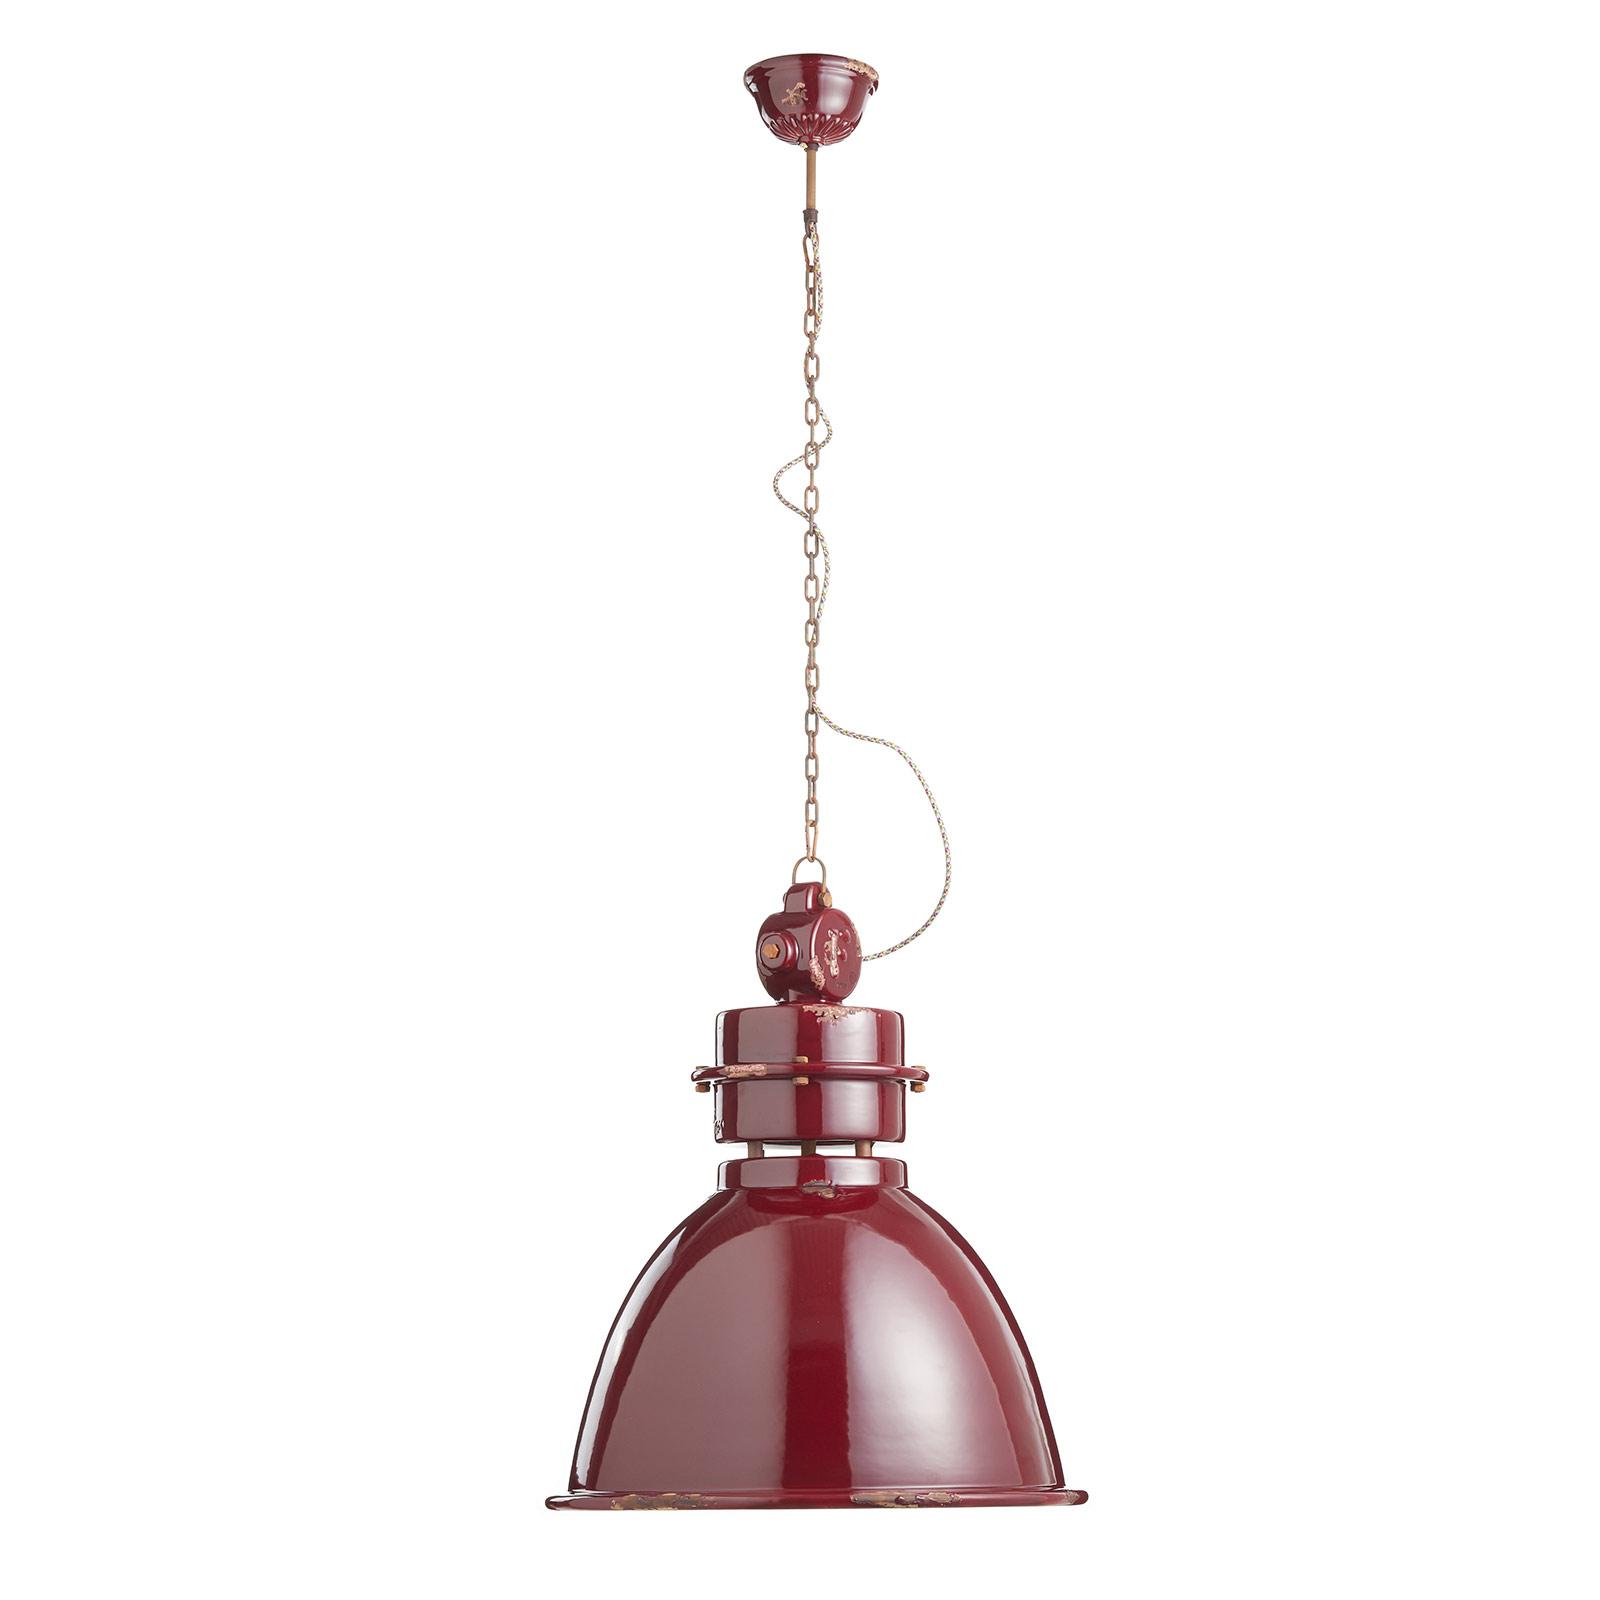 Hanglamp C1750 met keramische kap